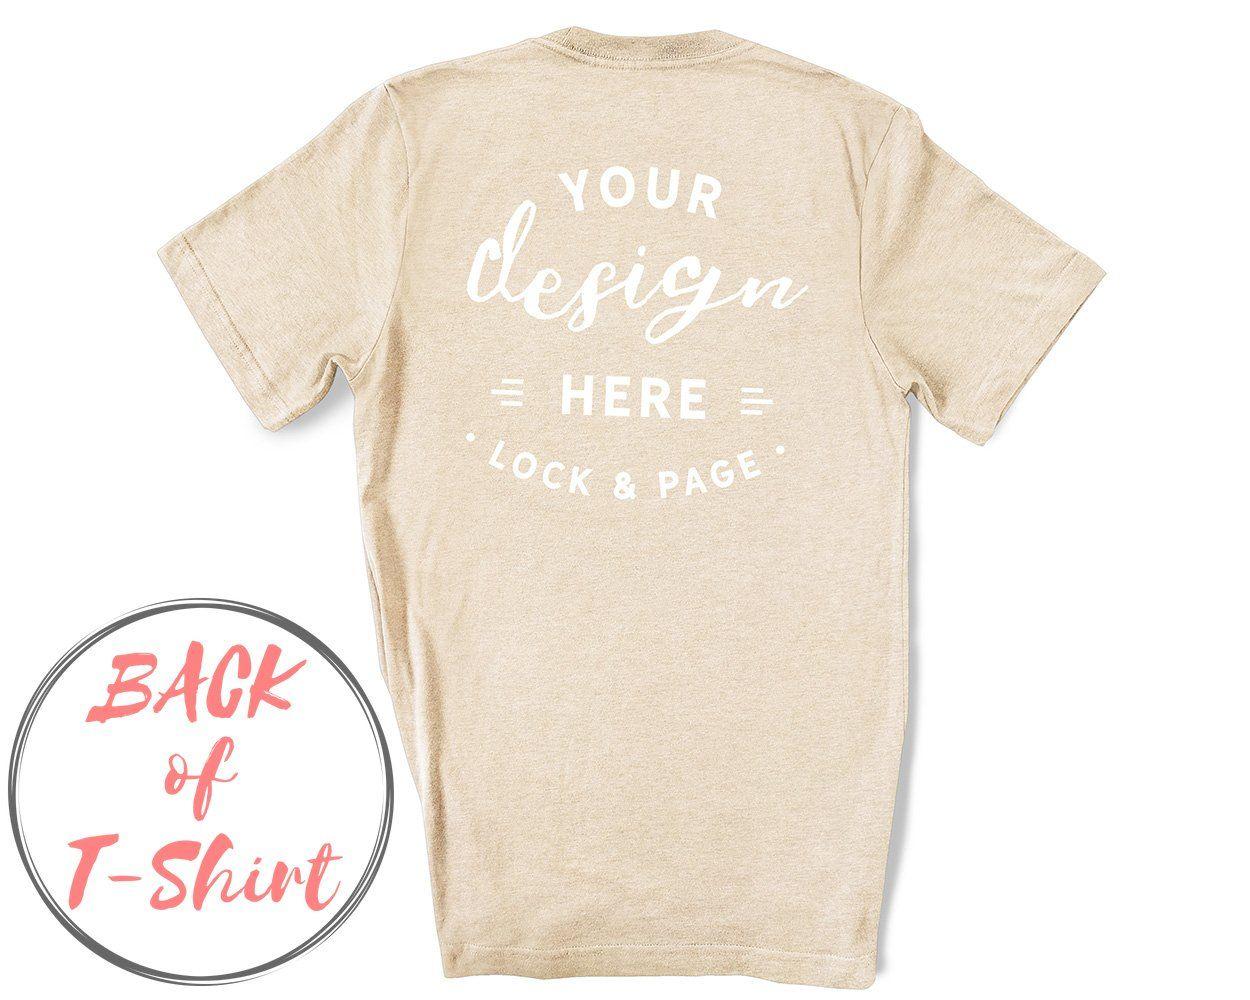 Download Back Of T Shirt Bc3001 Mockup Bundle Shirt Mockup Mockup Free Psd Tshirt Mockup